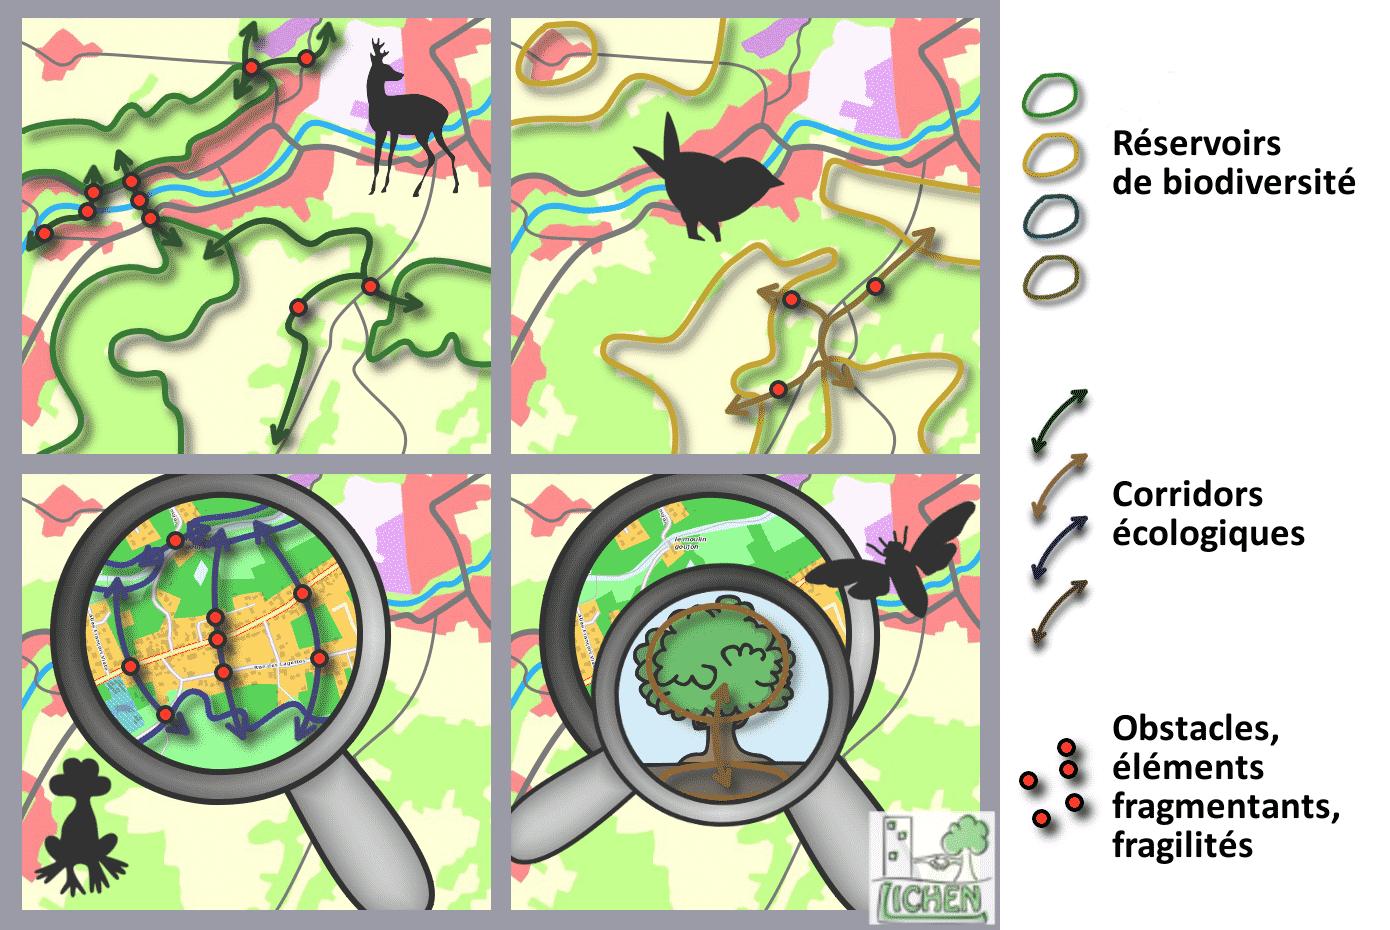 Schéma représentant les échelles de continuités écologiques selon différentes espèces